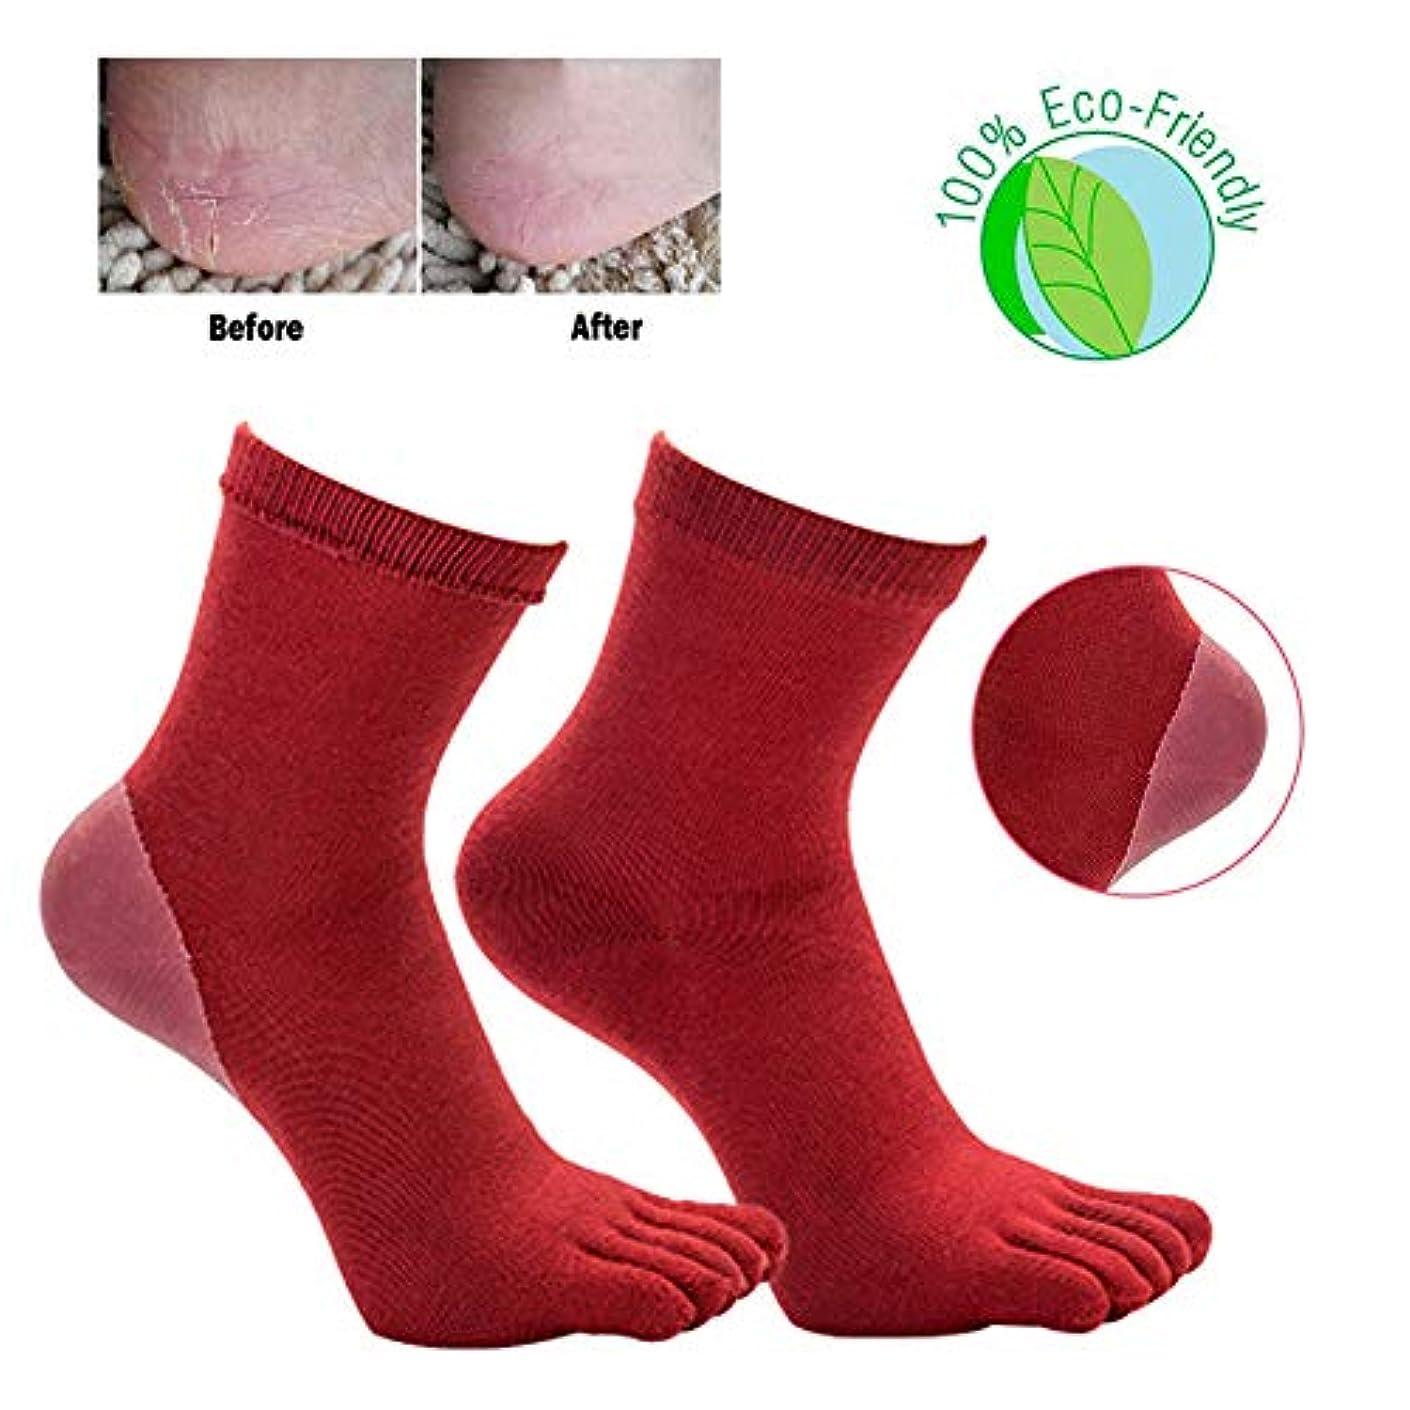 便益紳士気取りの、きざなひび割れ防止靴下秋と冬のアンチ足ひび割れ靴下アンチ足かかと割れひび割れエッセンシャルオイルジェルフットケア保湿女性靴下